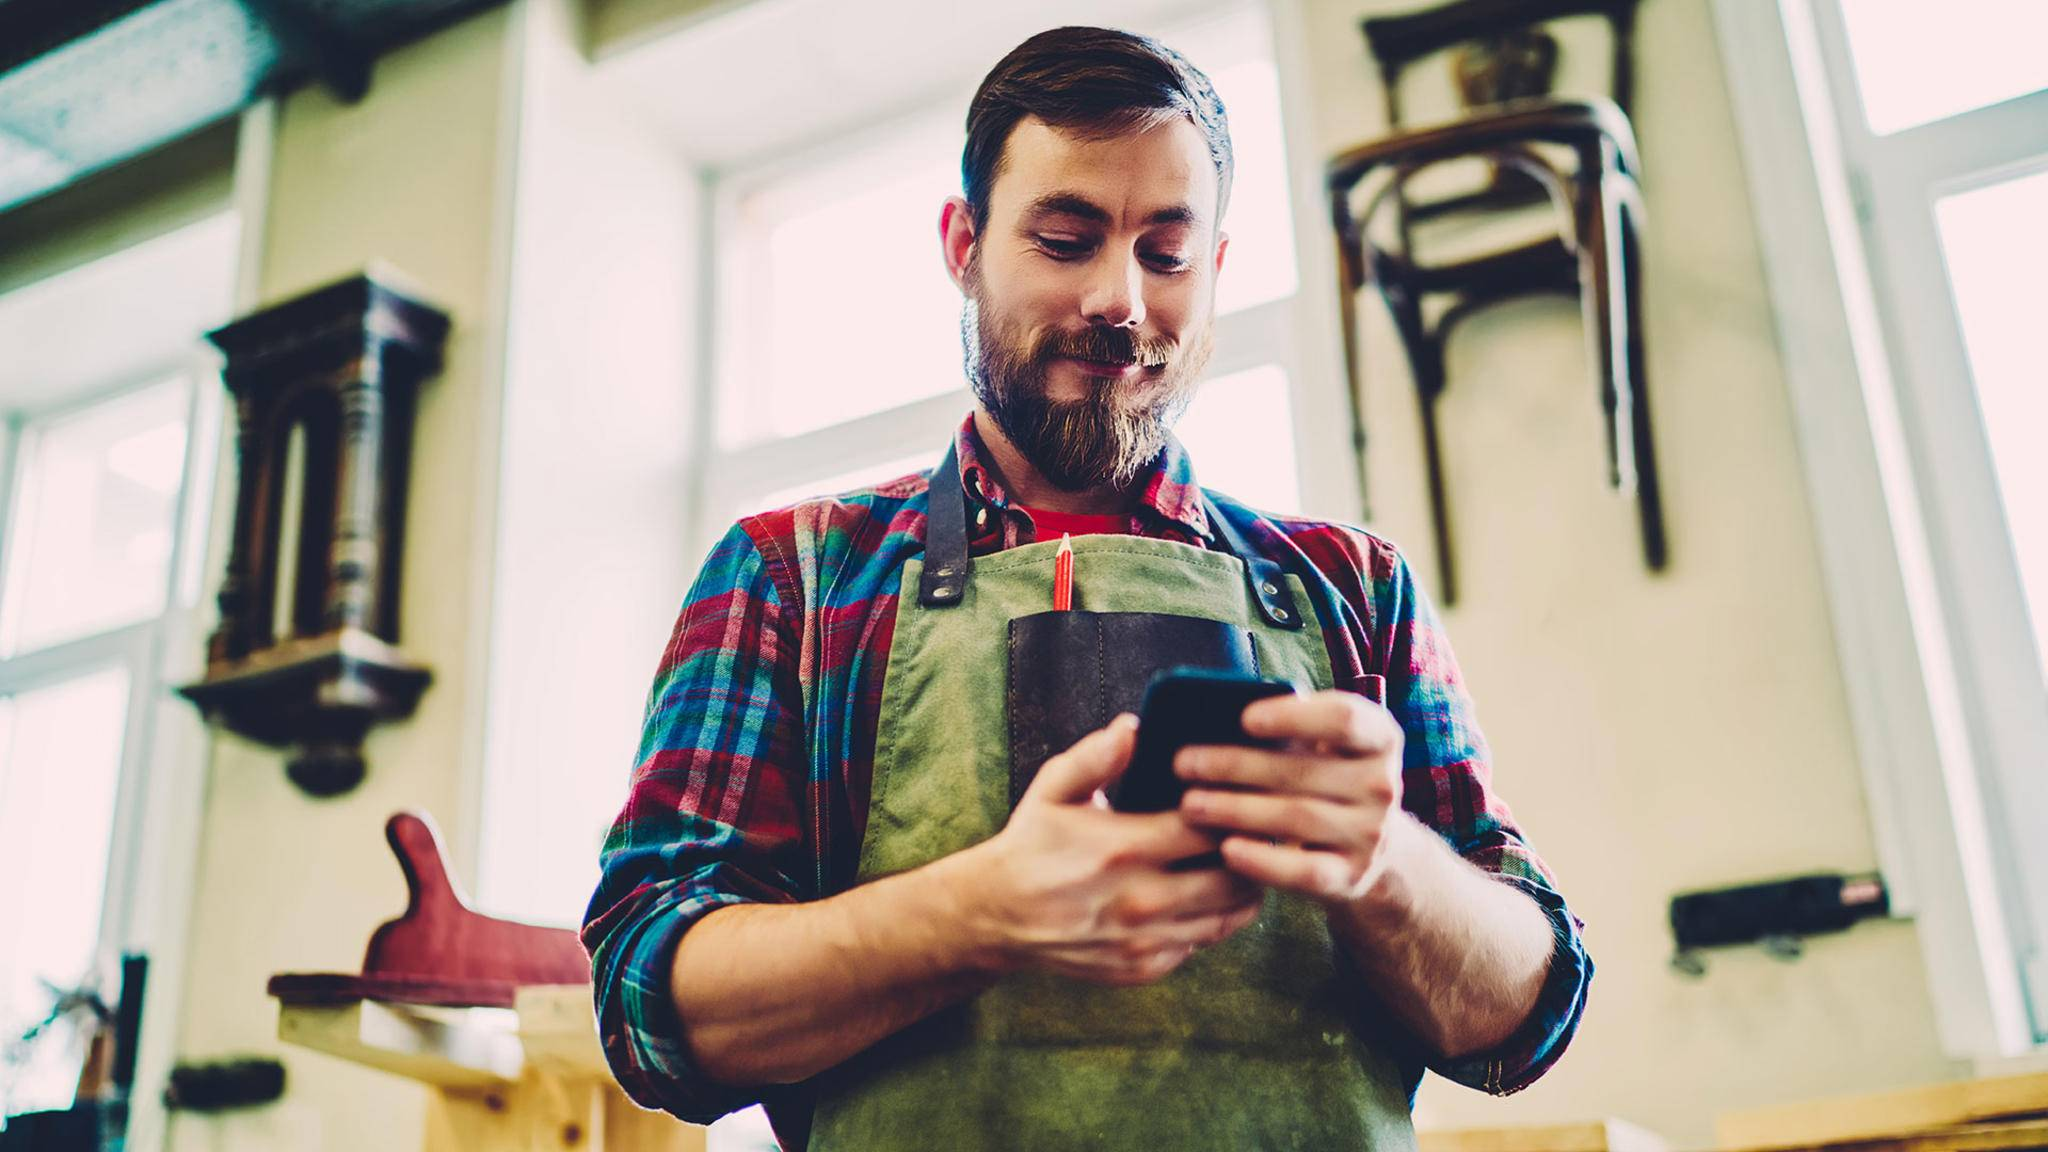 Für manche Berufe sollte das Smartphone etwas robuster sein.